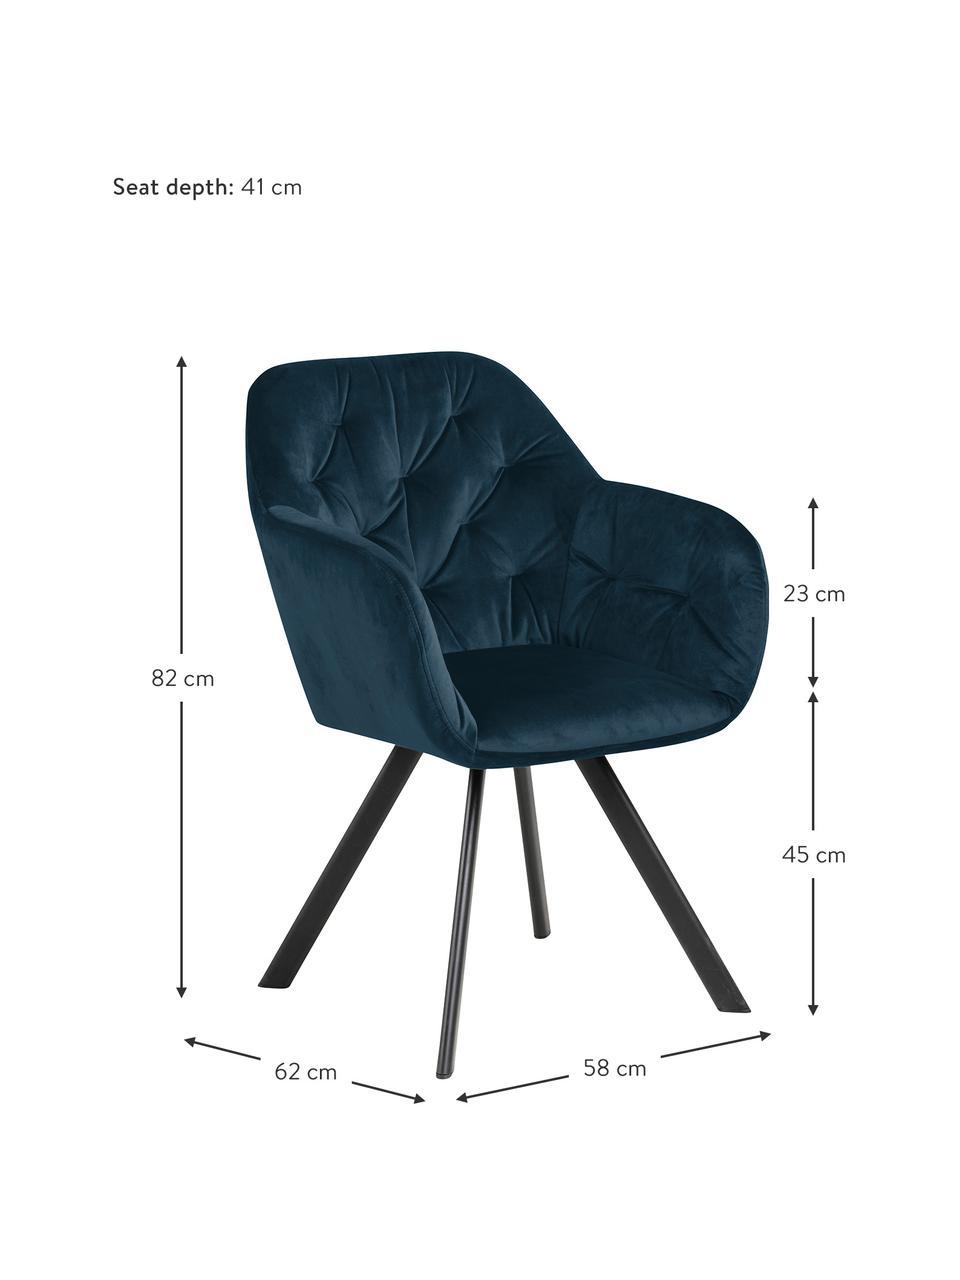 Drehbarer Samt-Armlehnstuhl Lucie, Bezug: Polyestersamt Der hochwer, Beine: Metall, pulverbeschichtet, Samt Dunkelblau, B 58 x T 62 cm